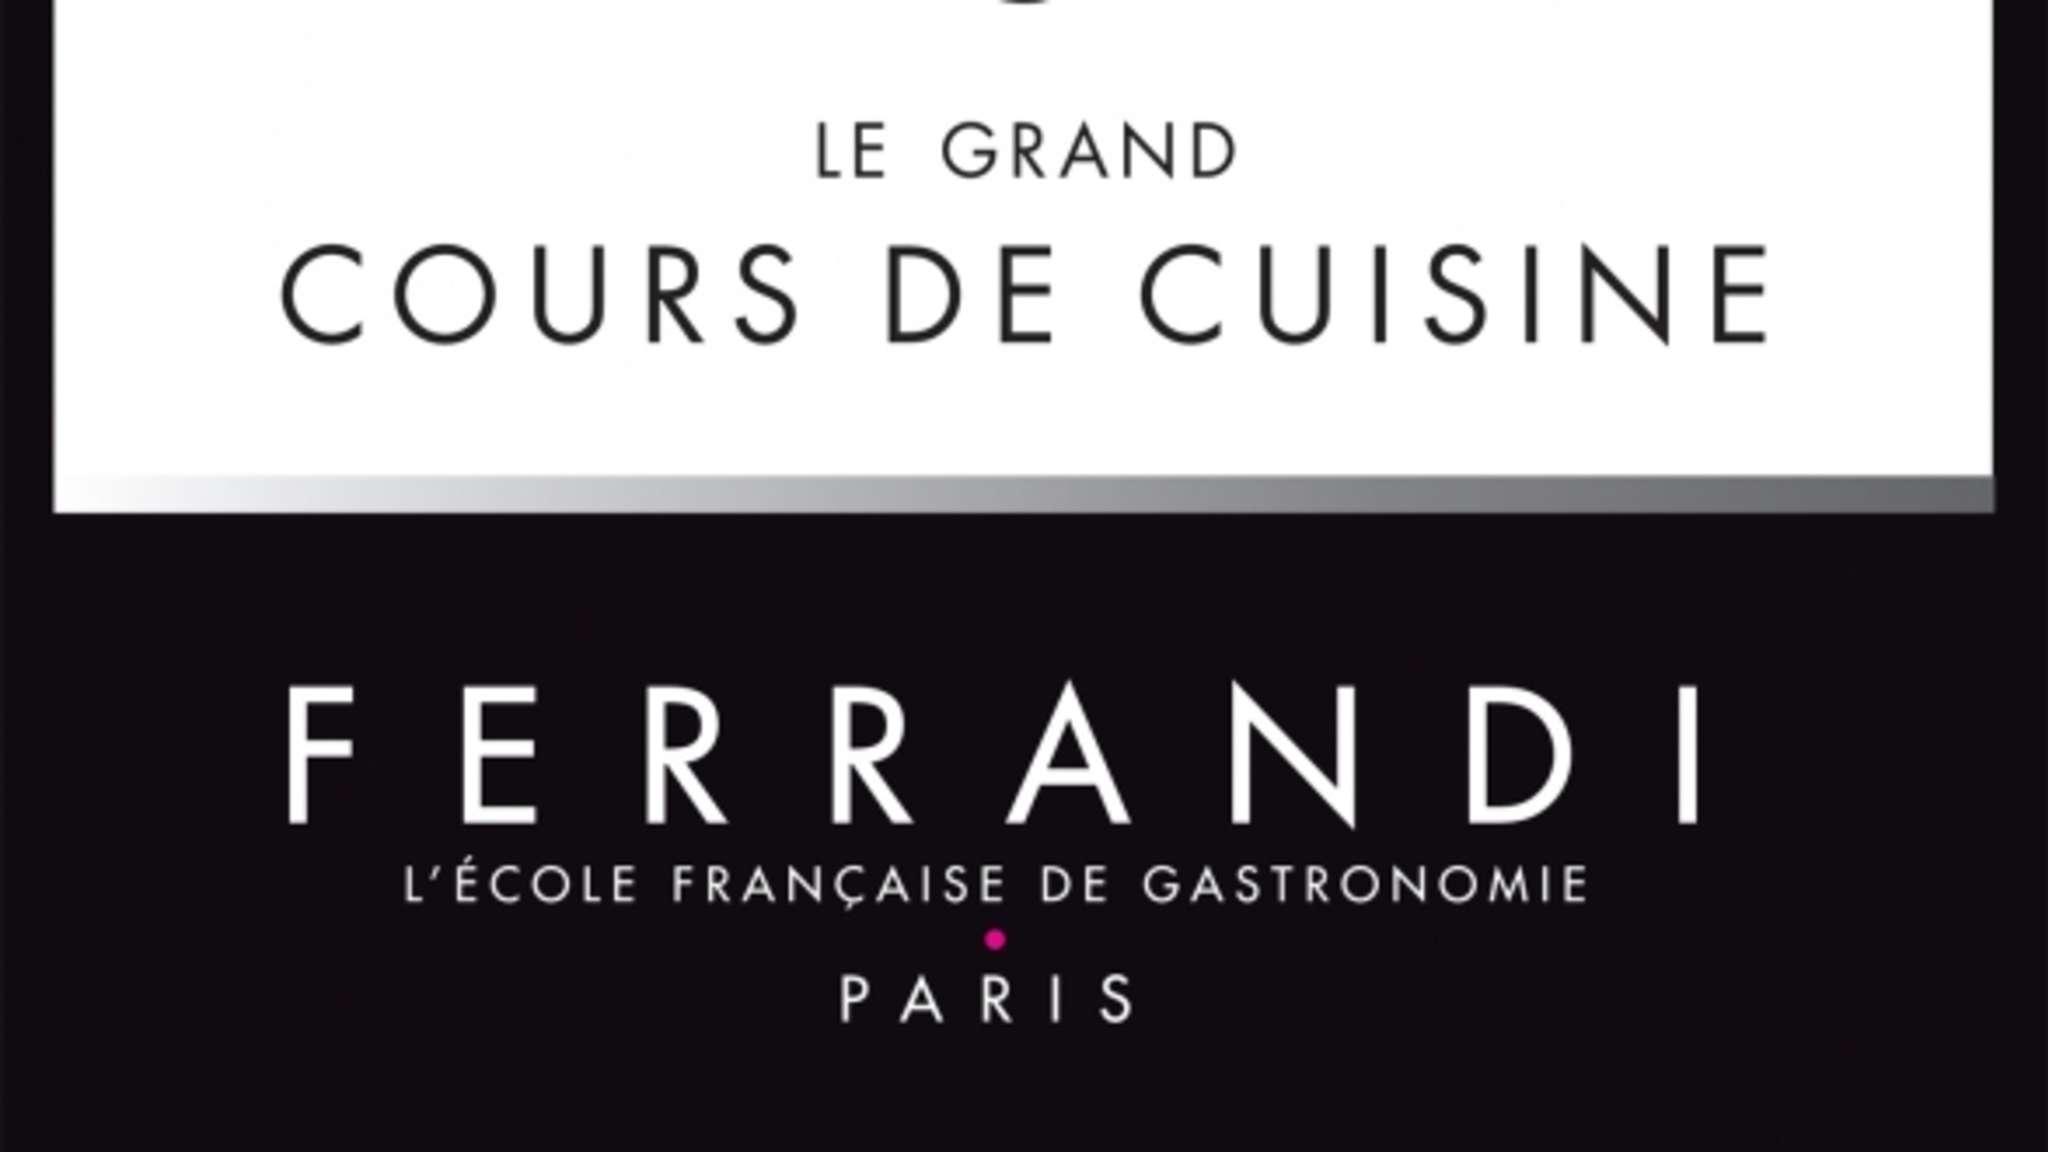 Le grand cours de cuisine Ferrandi